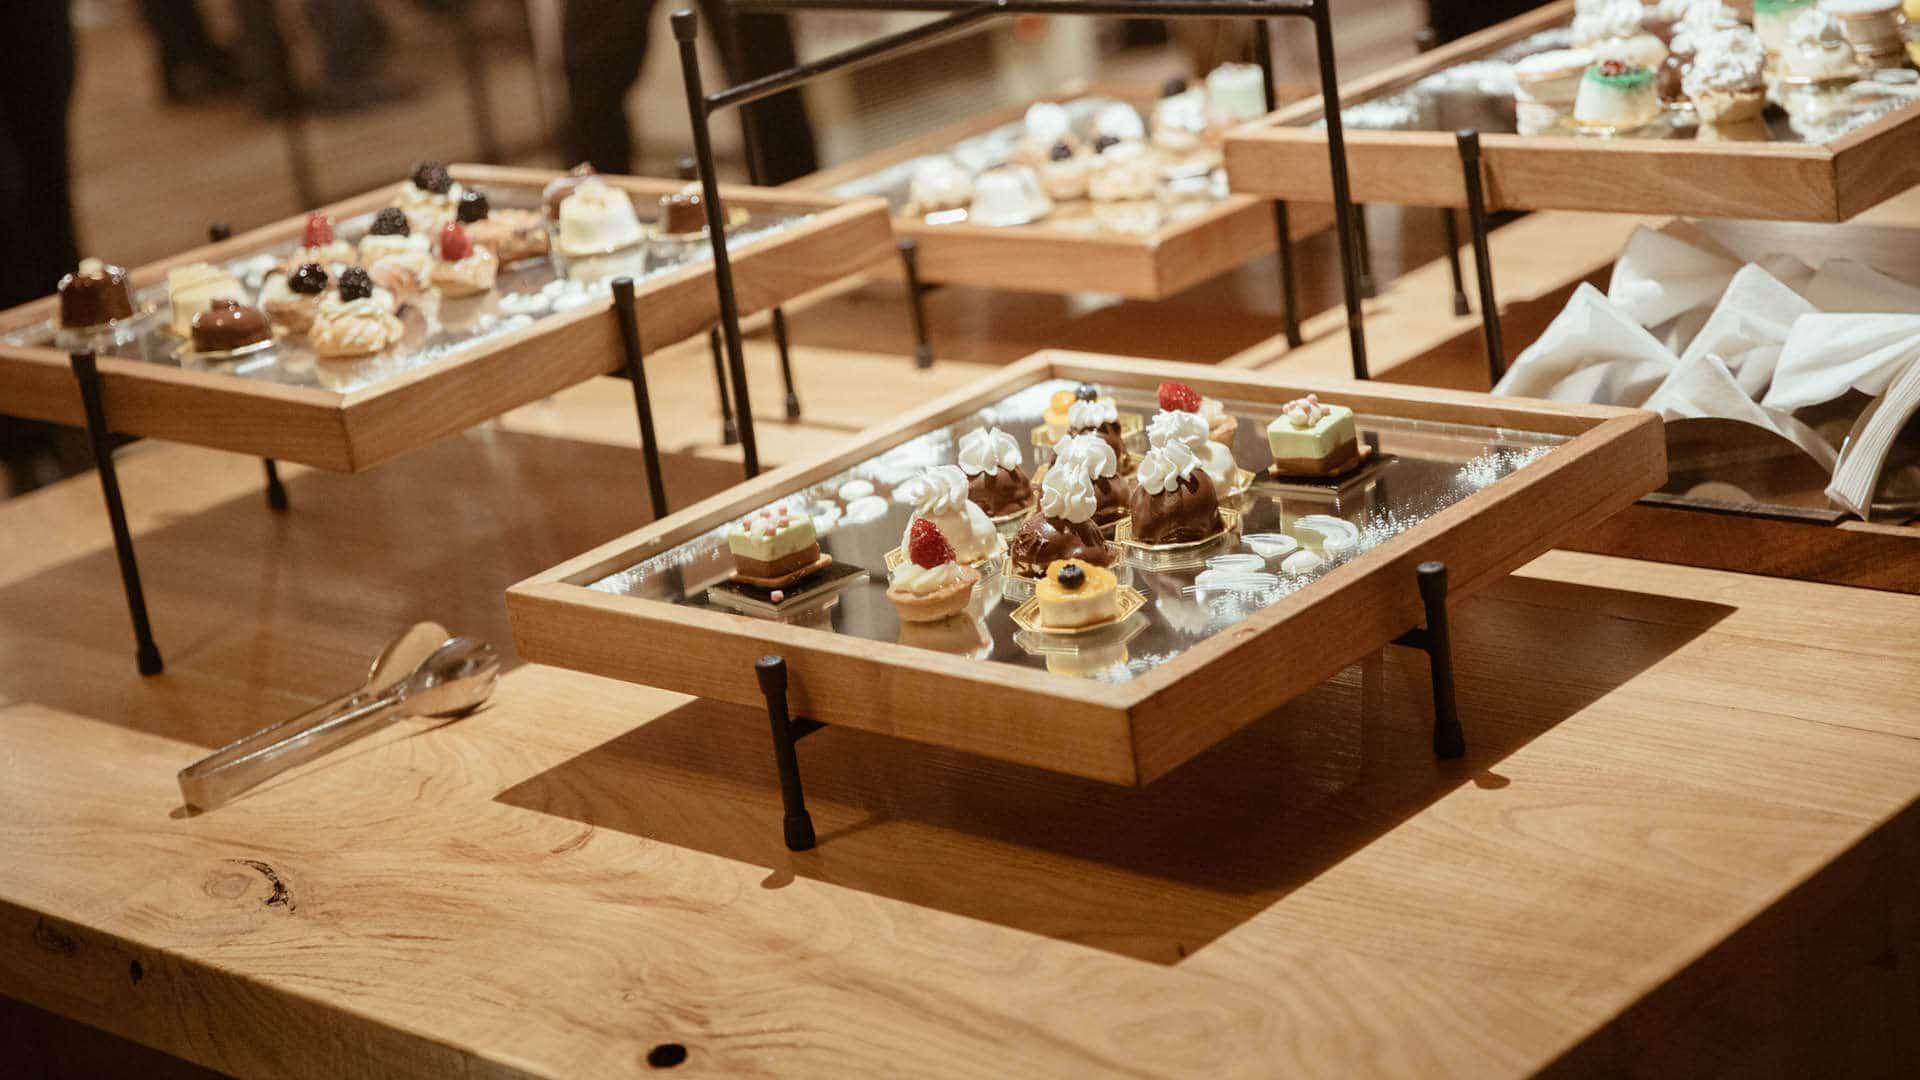 Come Addobbare Un Tavolo Per Confettata matrimonio invernale: 3 idee originali per il buffet di